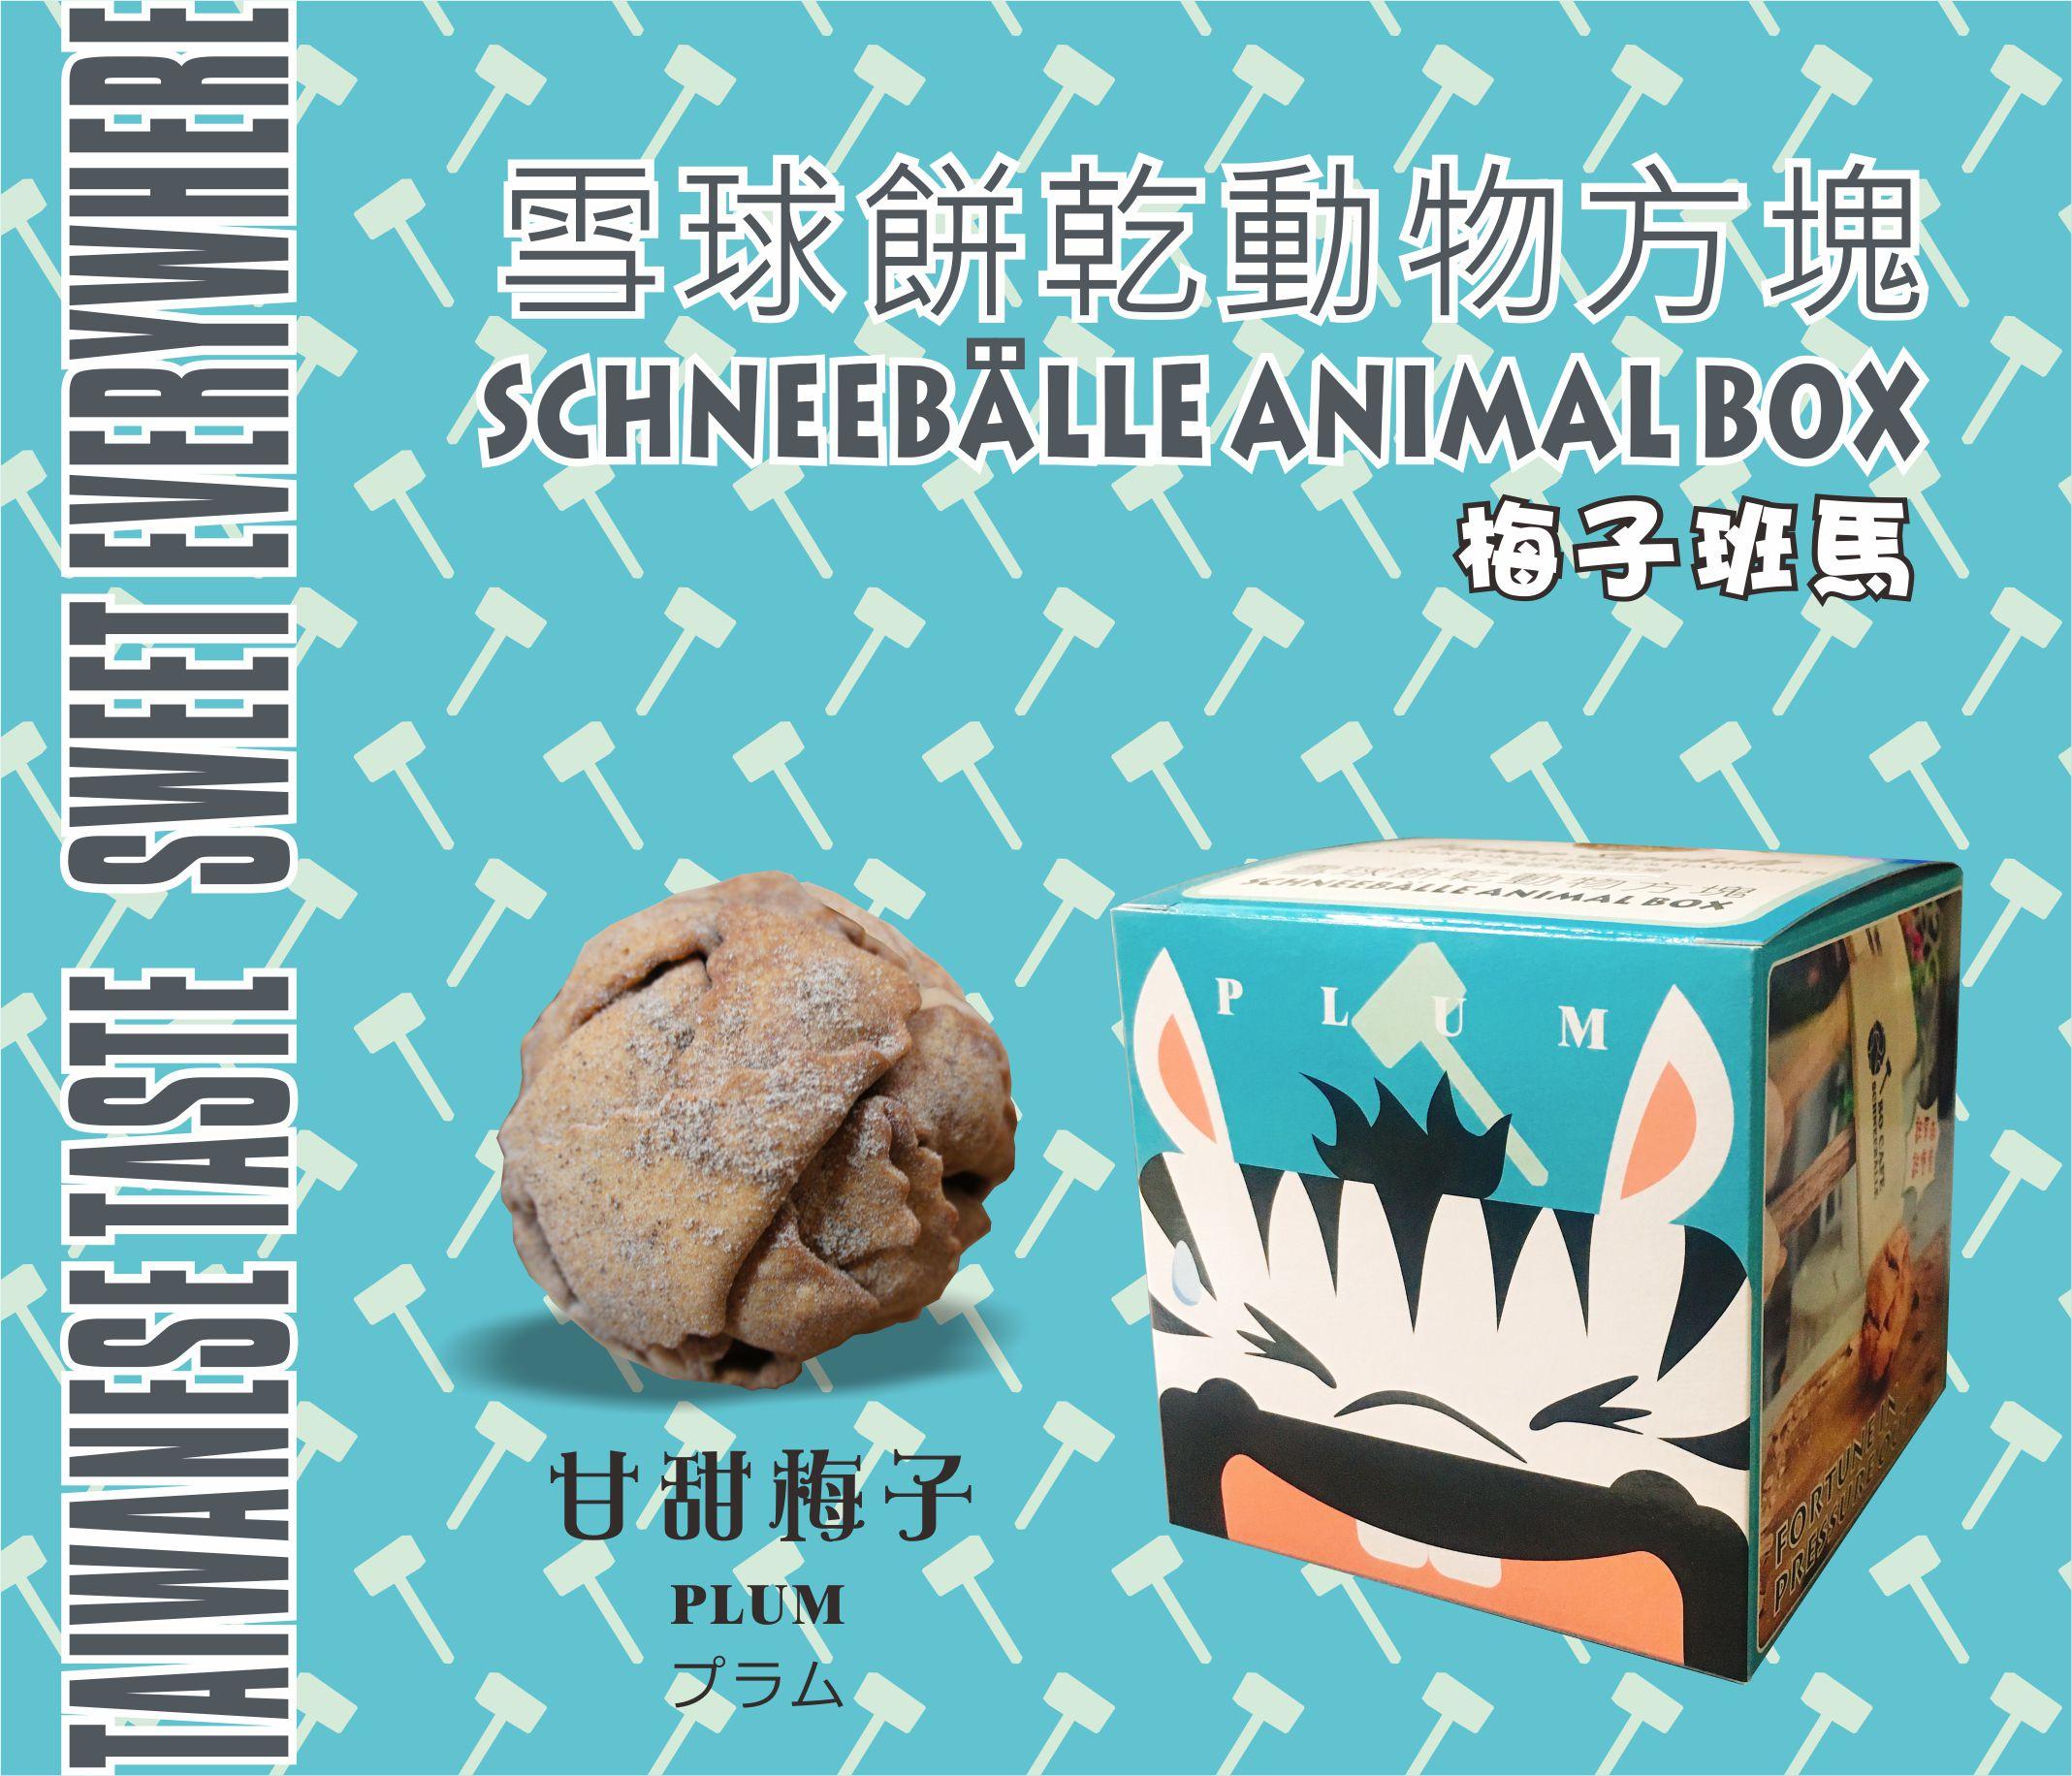 【BO雪球餅乾】雪球動物方塊-梅子班馬